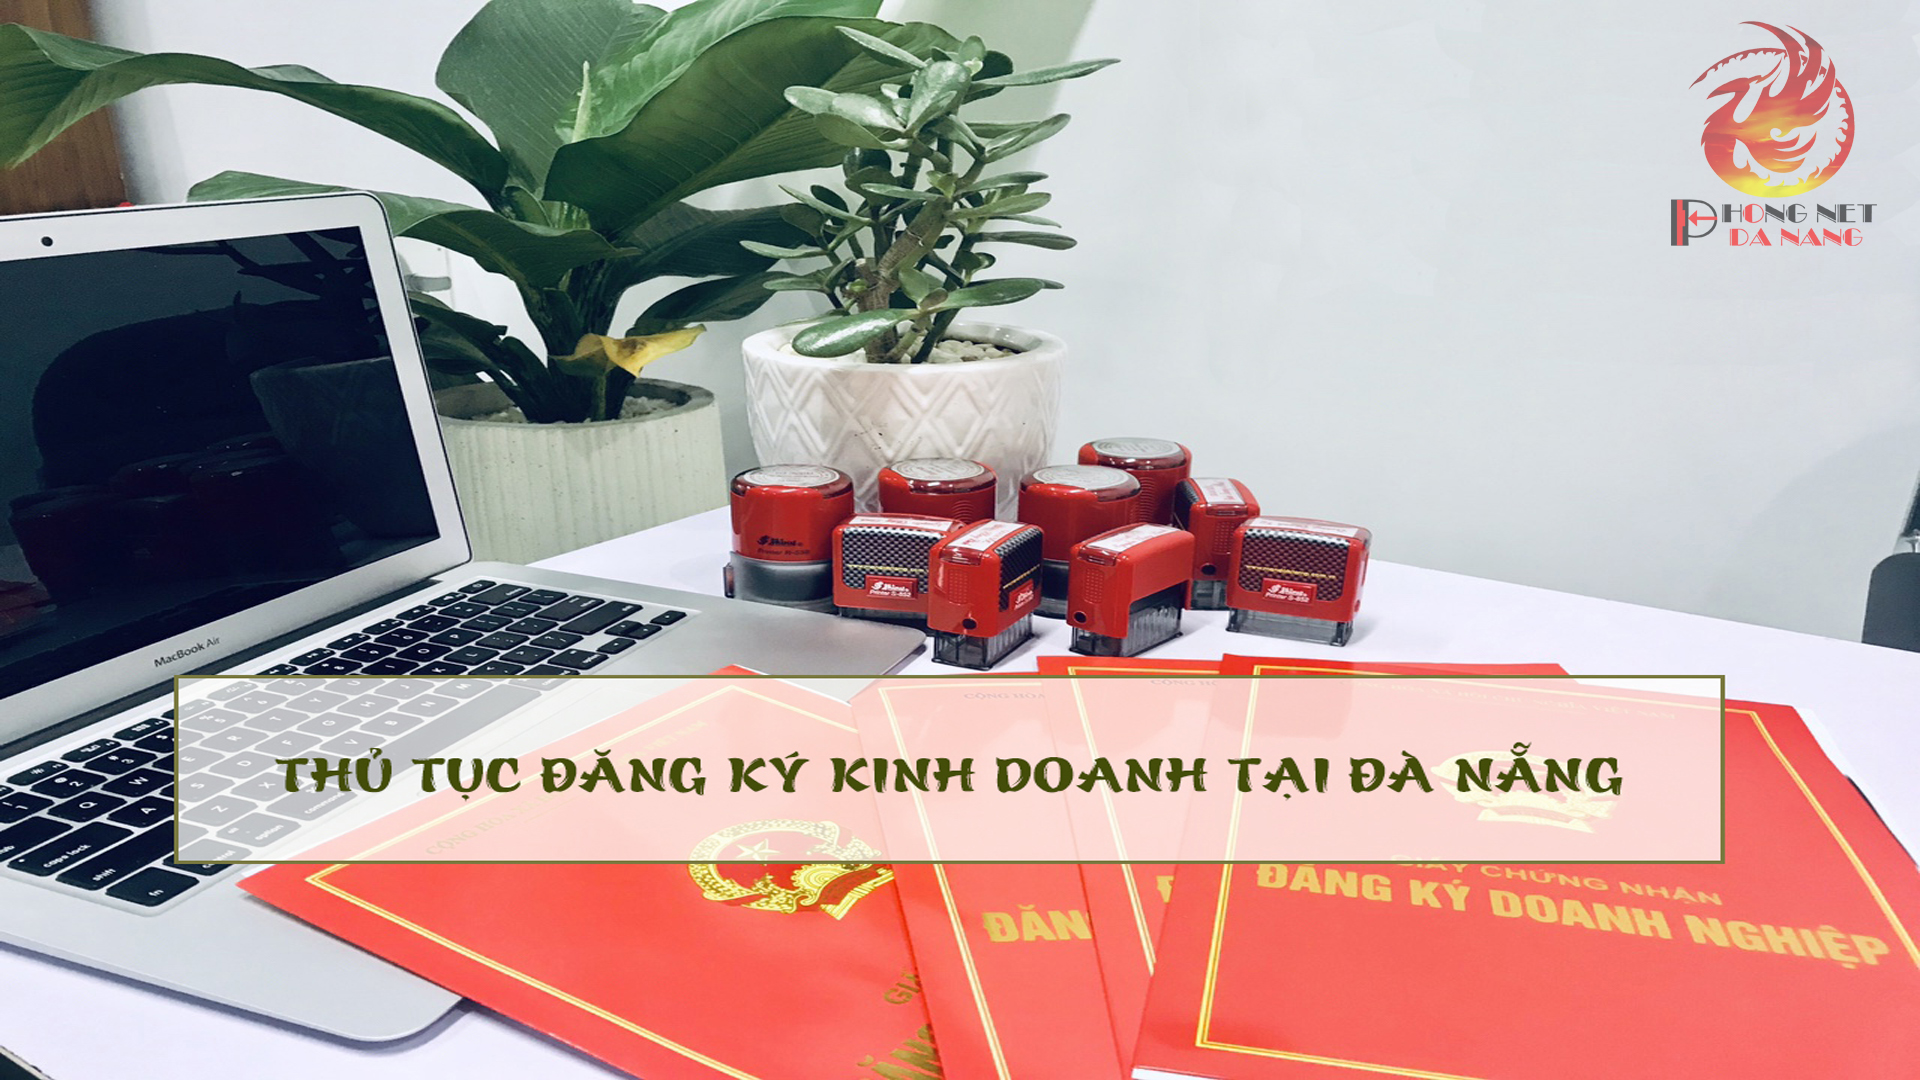 don-vi-tu-van-mo-phong-net-quan-game-uy-tin-phongnetdanang.com-21